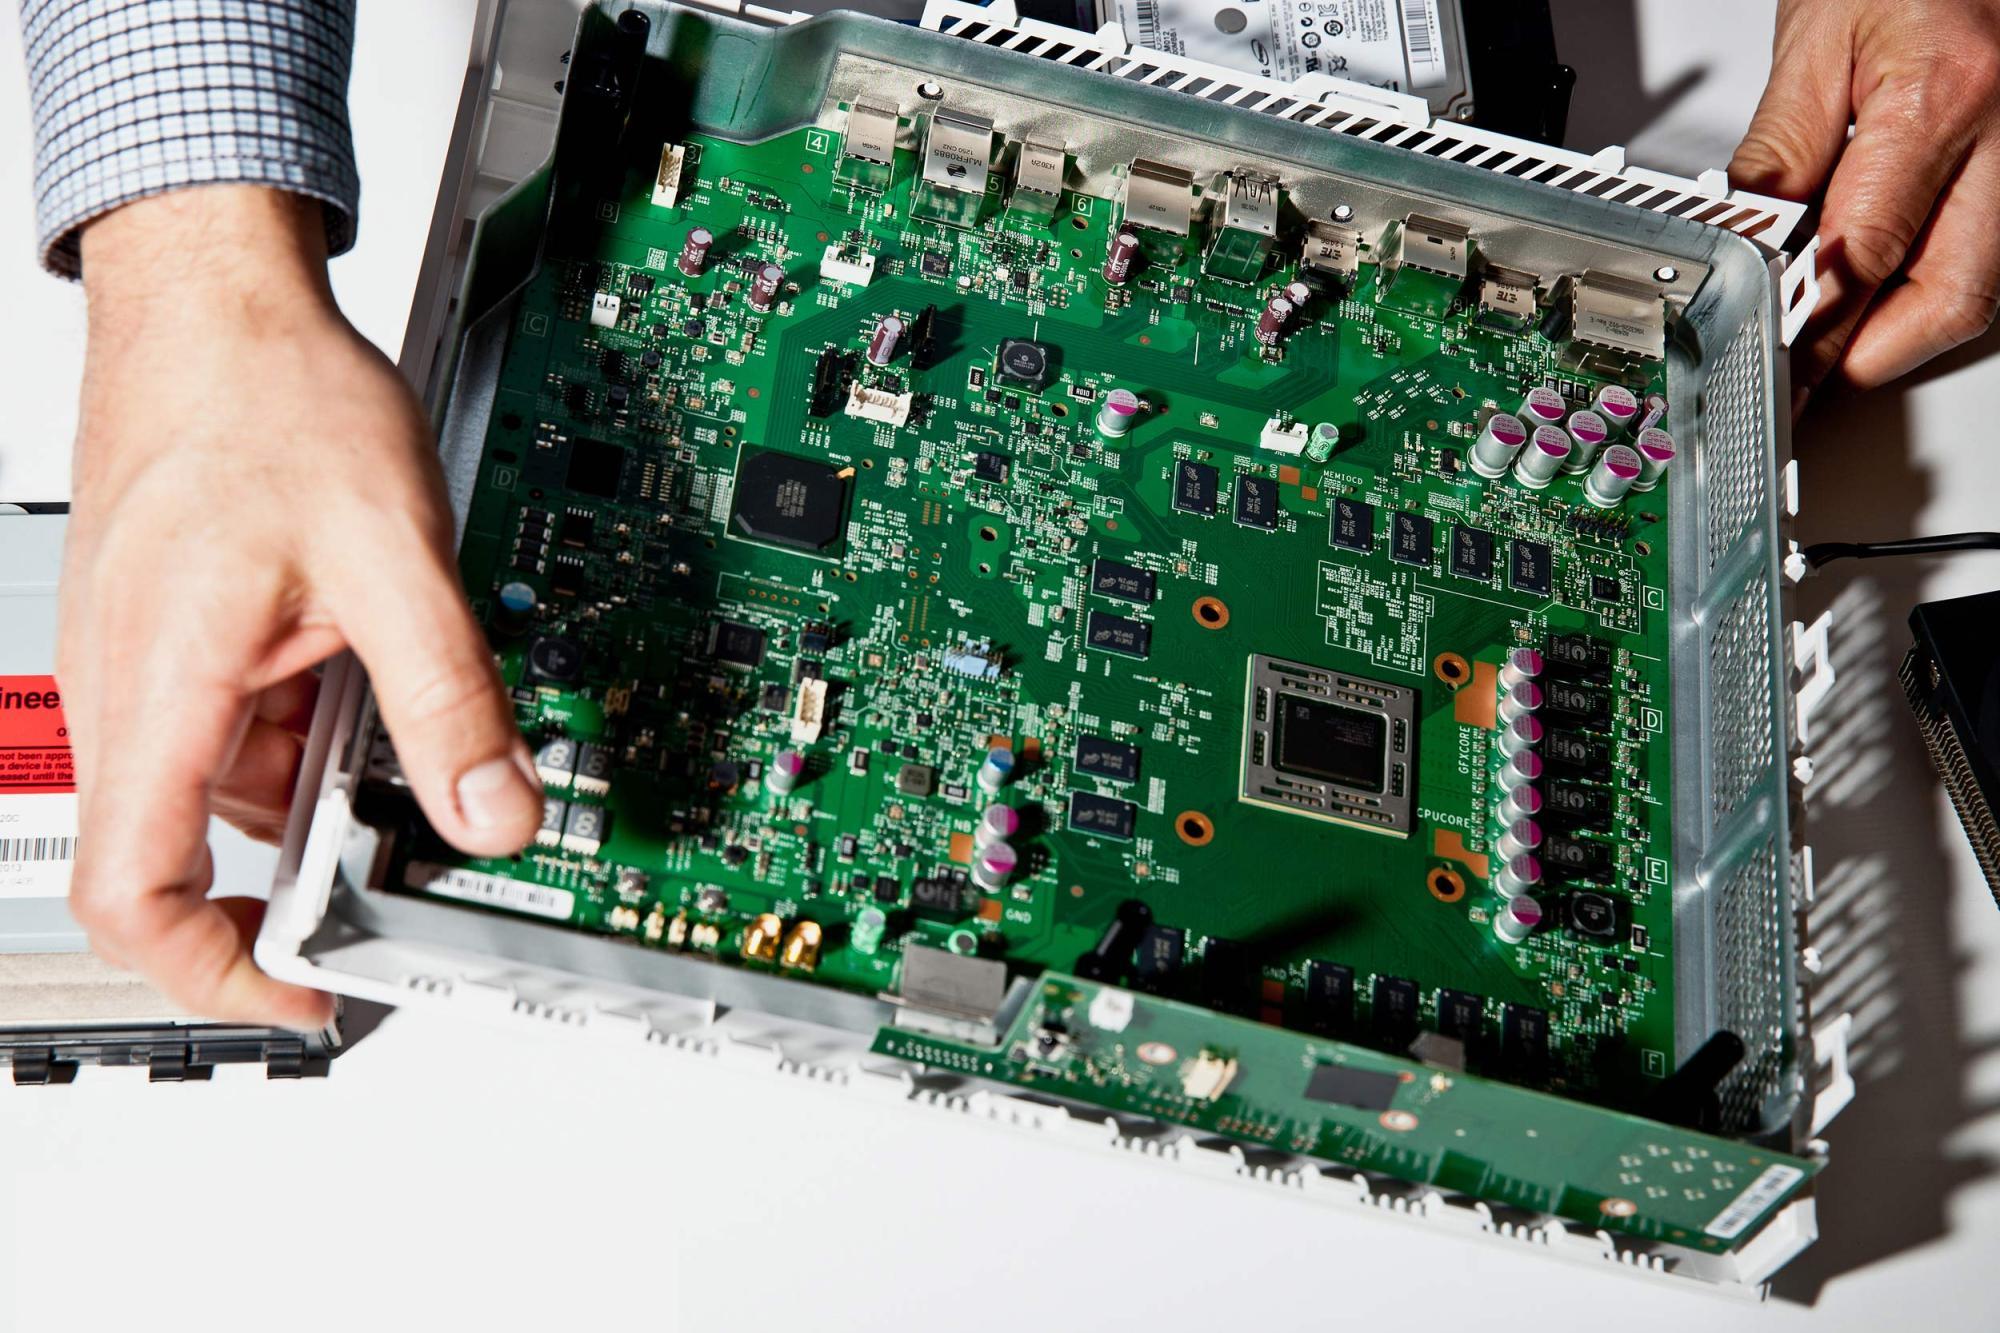 hight resolution of xbox 360 schematics diagram wiring diagram paper first xbox one schematics soc gpu cpu